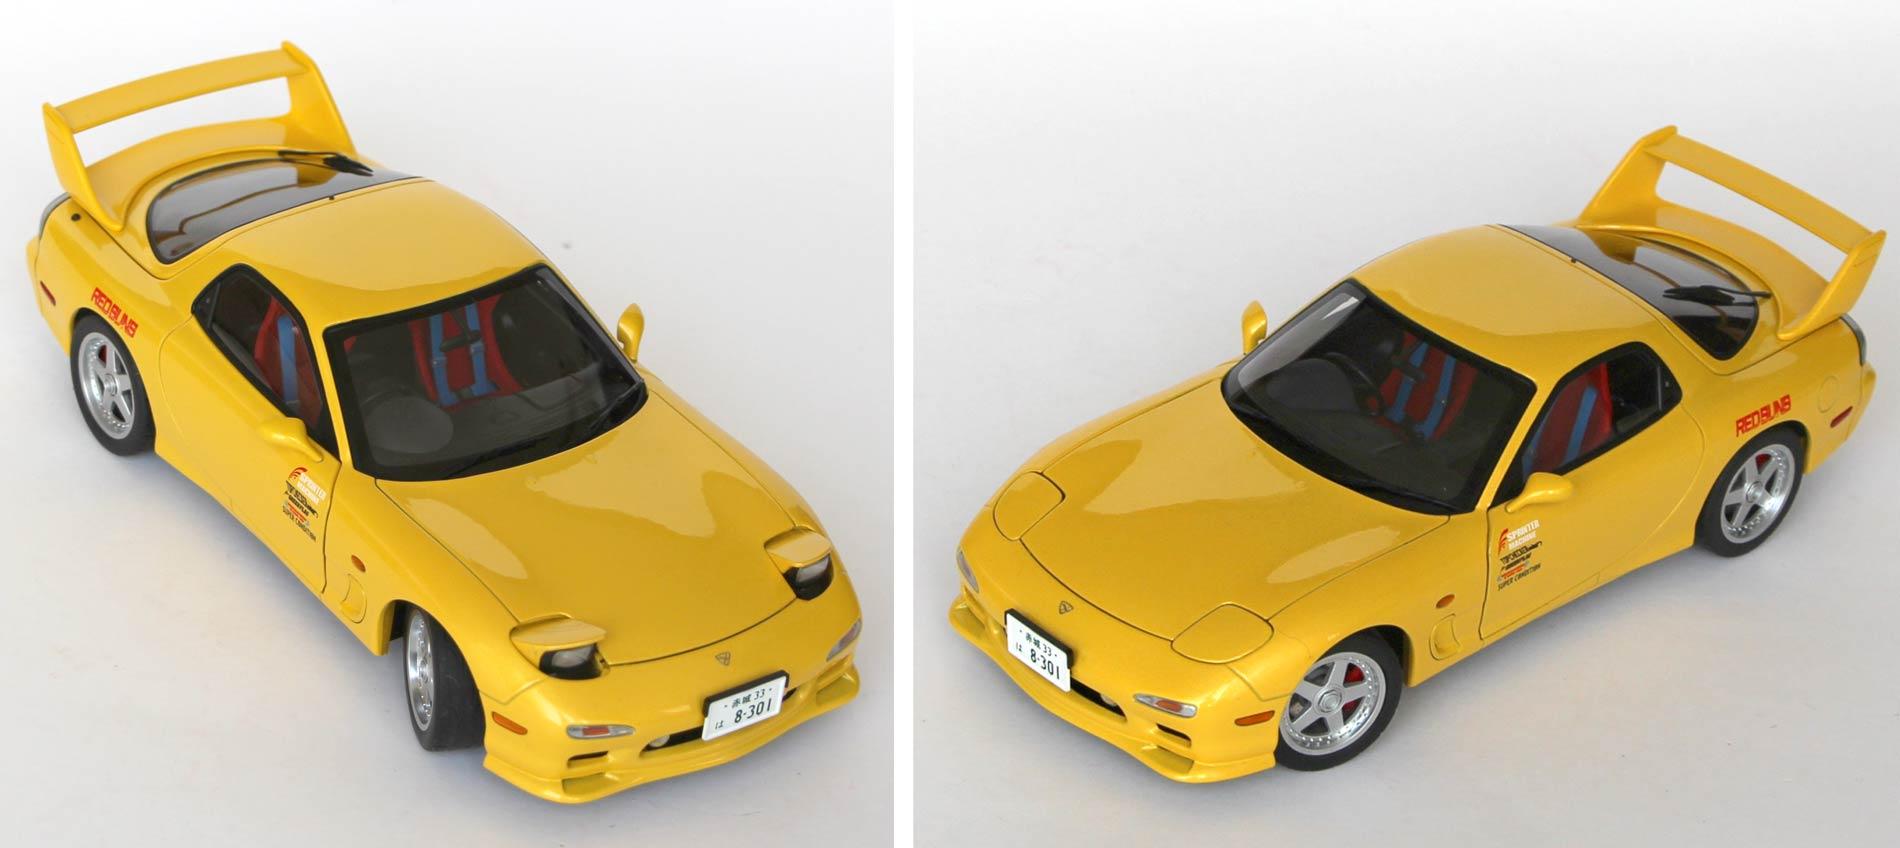 Phares rétractables de la Mazda RX 7 Initial D